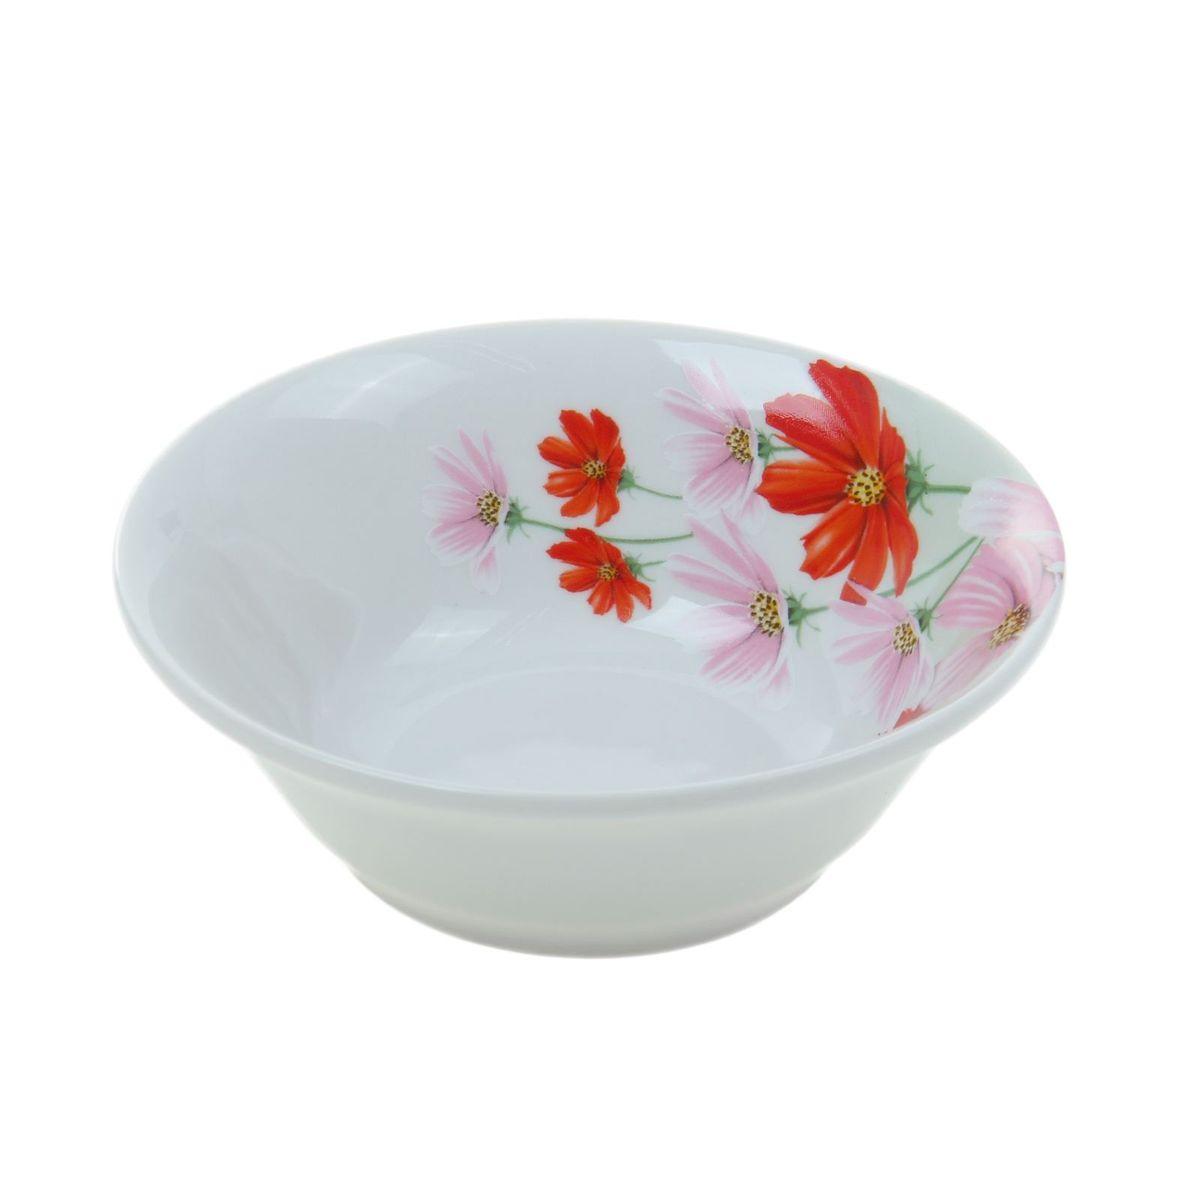 Салатник Идиллия. Космея, 360 мл1035456Элегантный салатник Идиллия. Космея, изготовленный из высококачественного фарфора, прекрасно подойдет для подачи различных блюд: закусок, салатов или фруктов. Такой салатник украсит ваш праздничный или обеденный стол, а оригинальное исполнение понравится любой хозяйке.Диаметр салатника: 14 см.